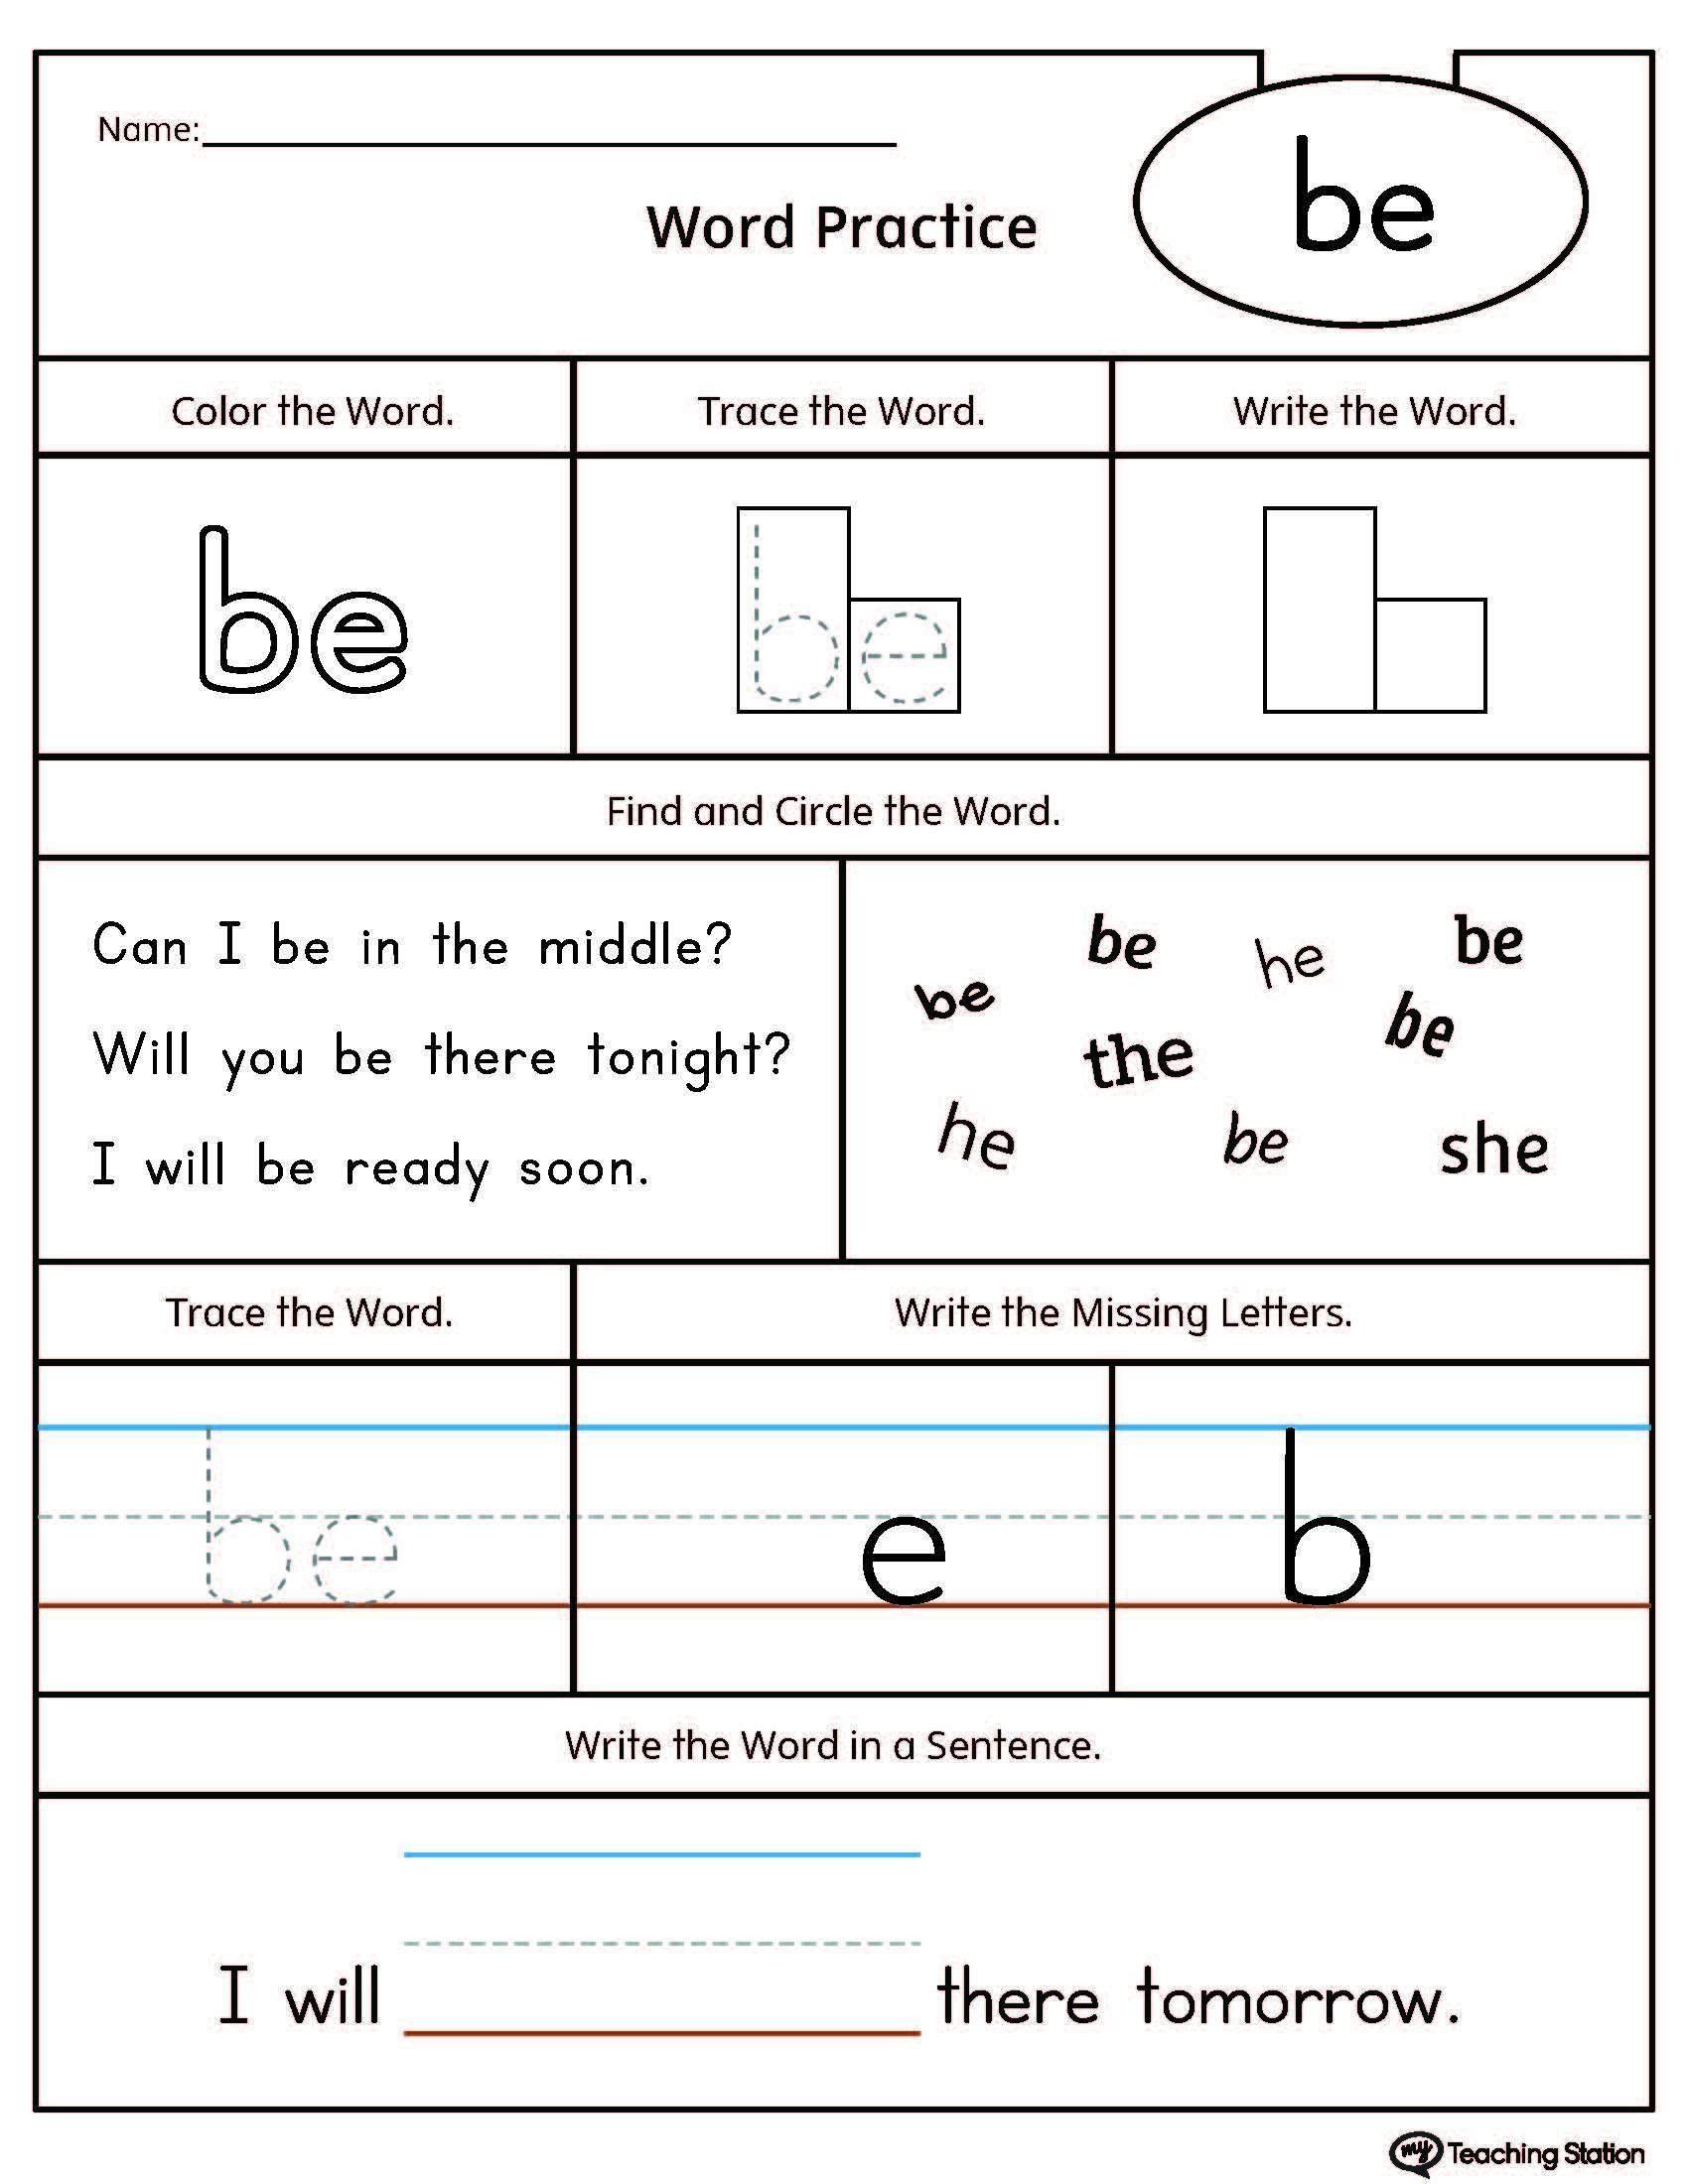 38 Word Tracing Worksheets For Kindergarten Uchimsya Chitat Slova Rabochie Tetradi Dlya Detskogo Sada [ 2200 x 1700 Pixel ]